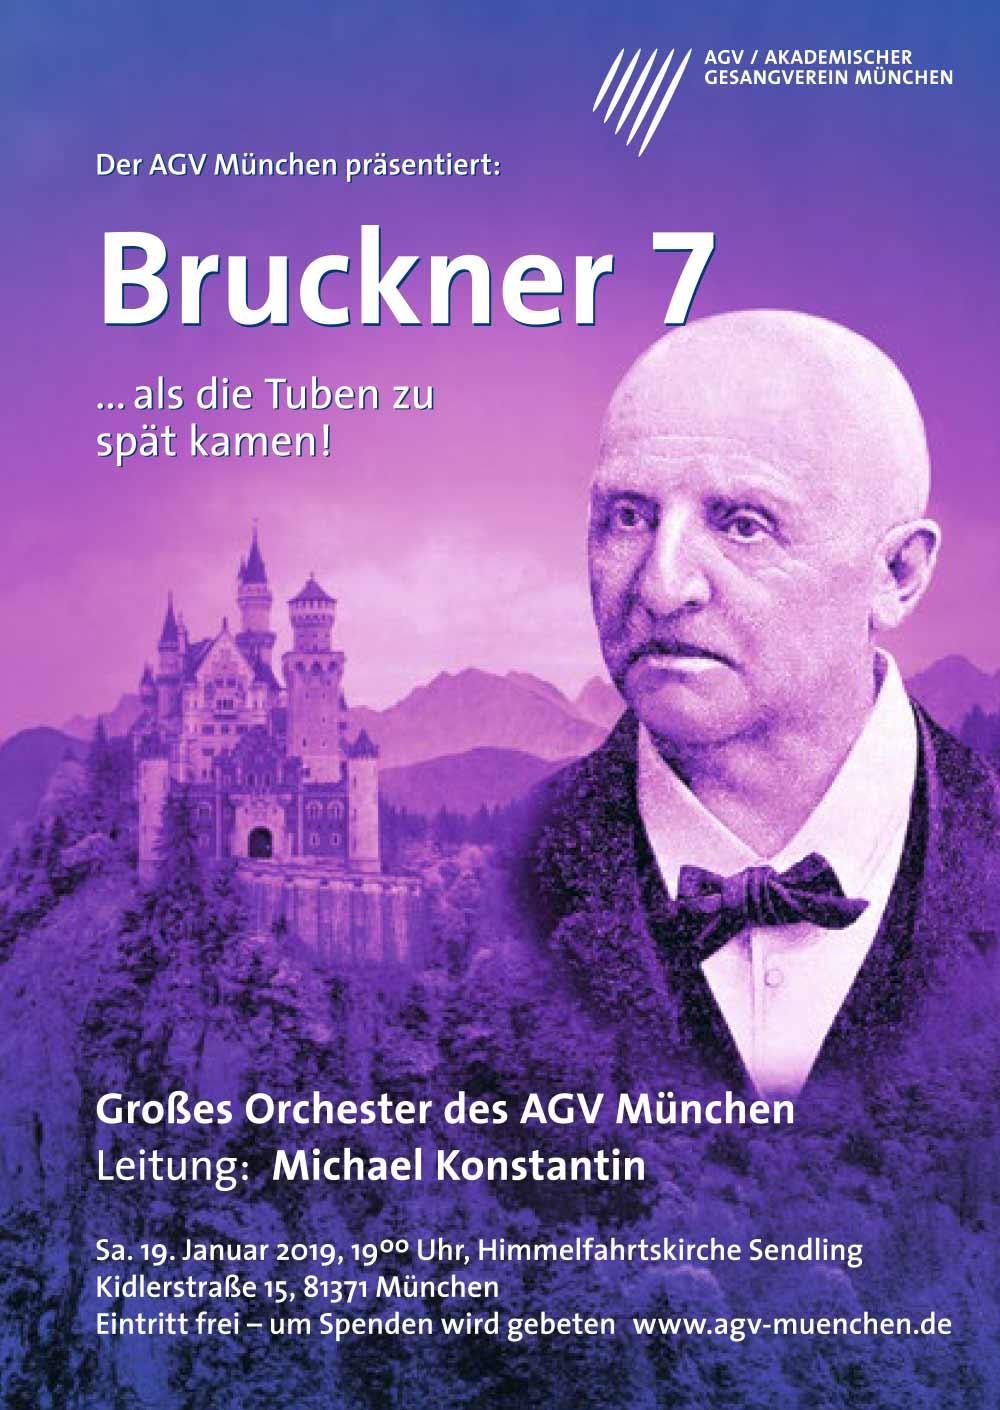 Akademischer Gesangsverein München Plakat